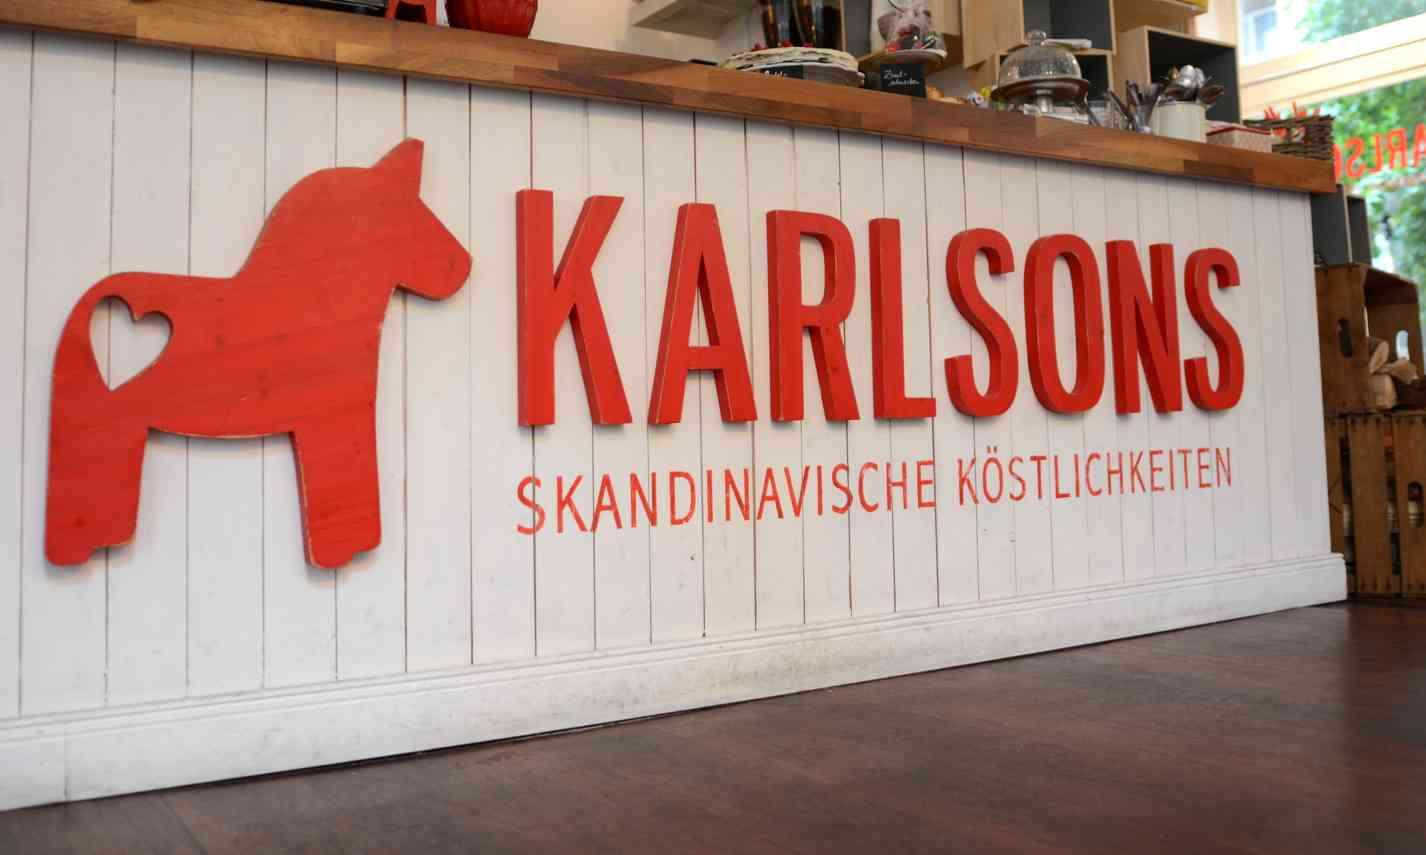 skandinavische Köstlichkeiten im Karlsons